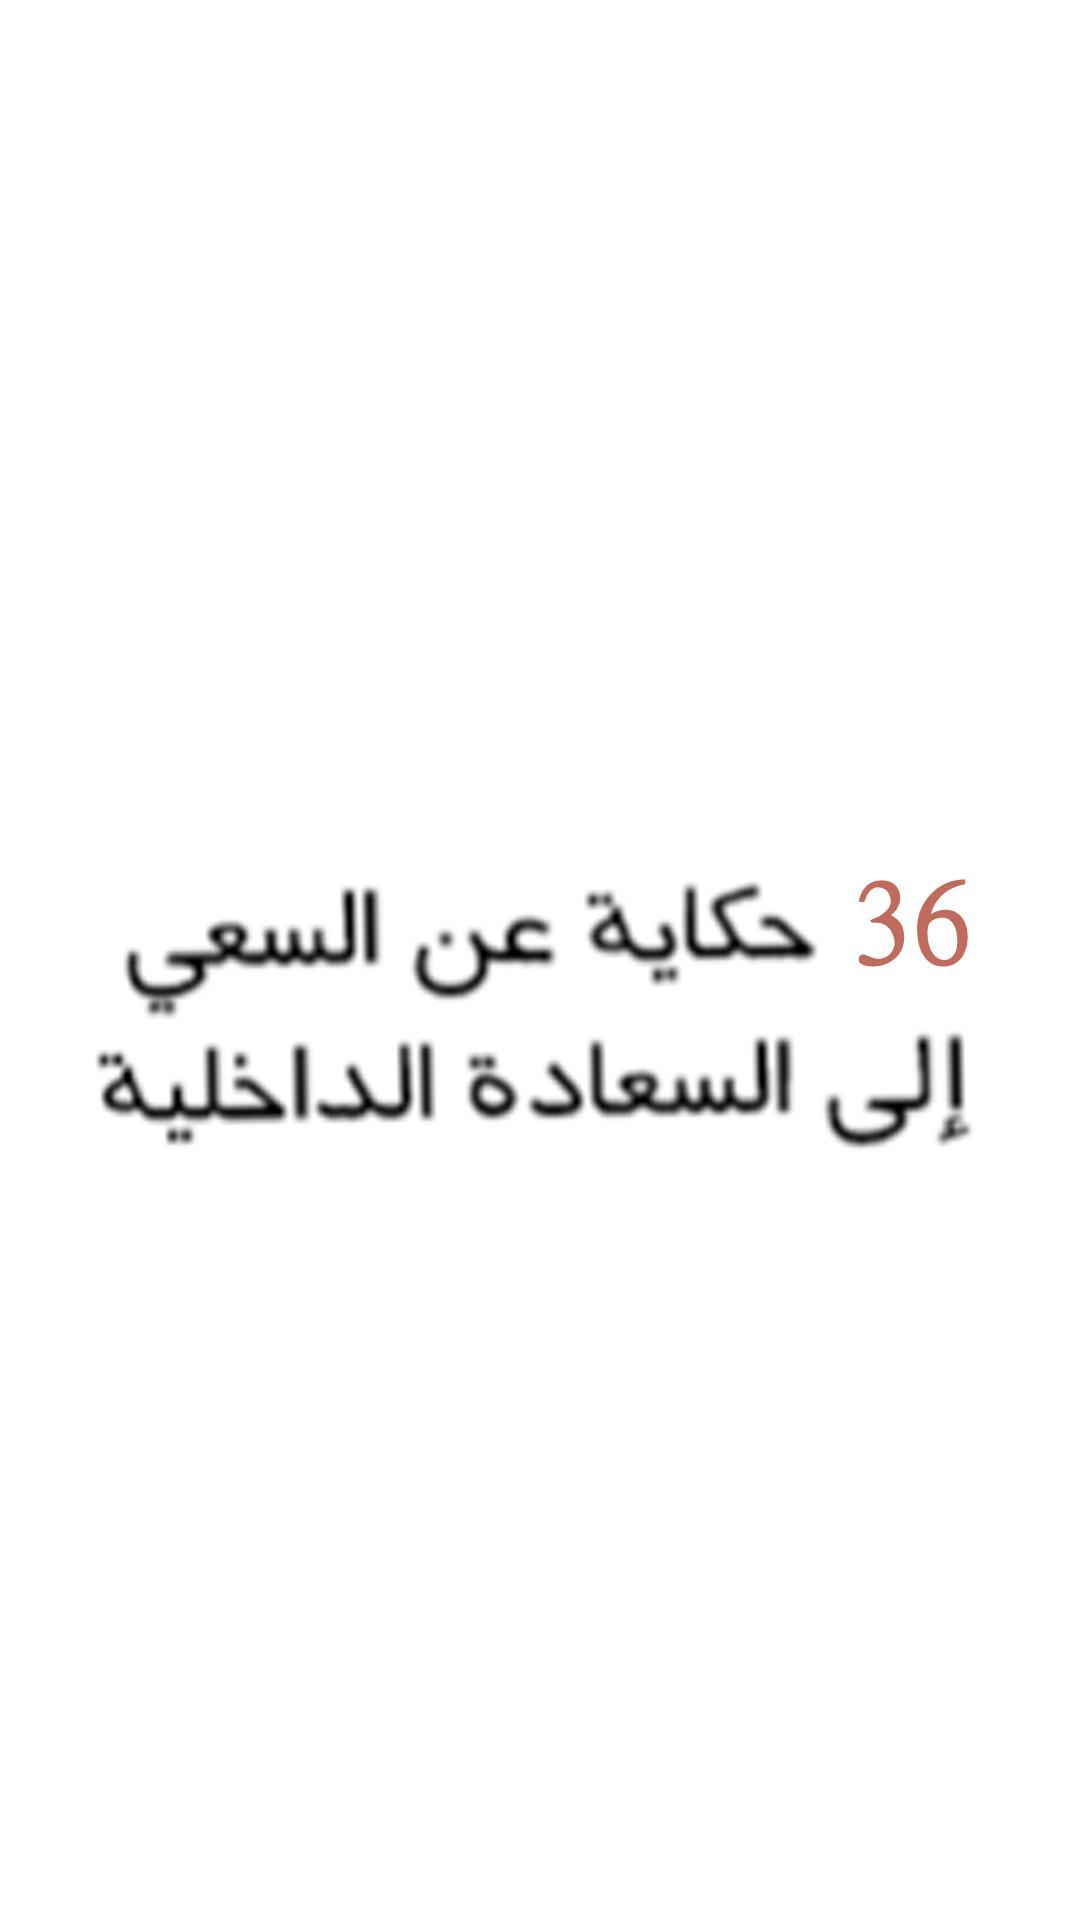 رواية طعام صلاة حب For Android Apk Download